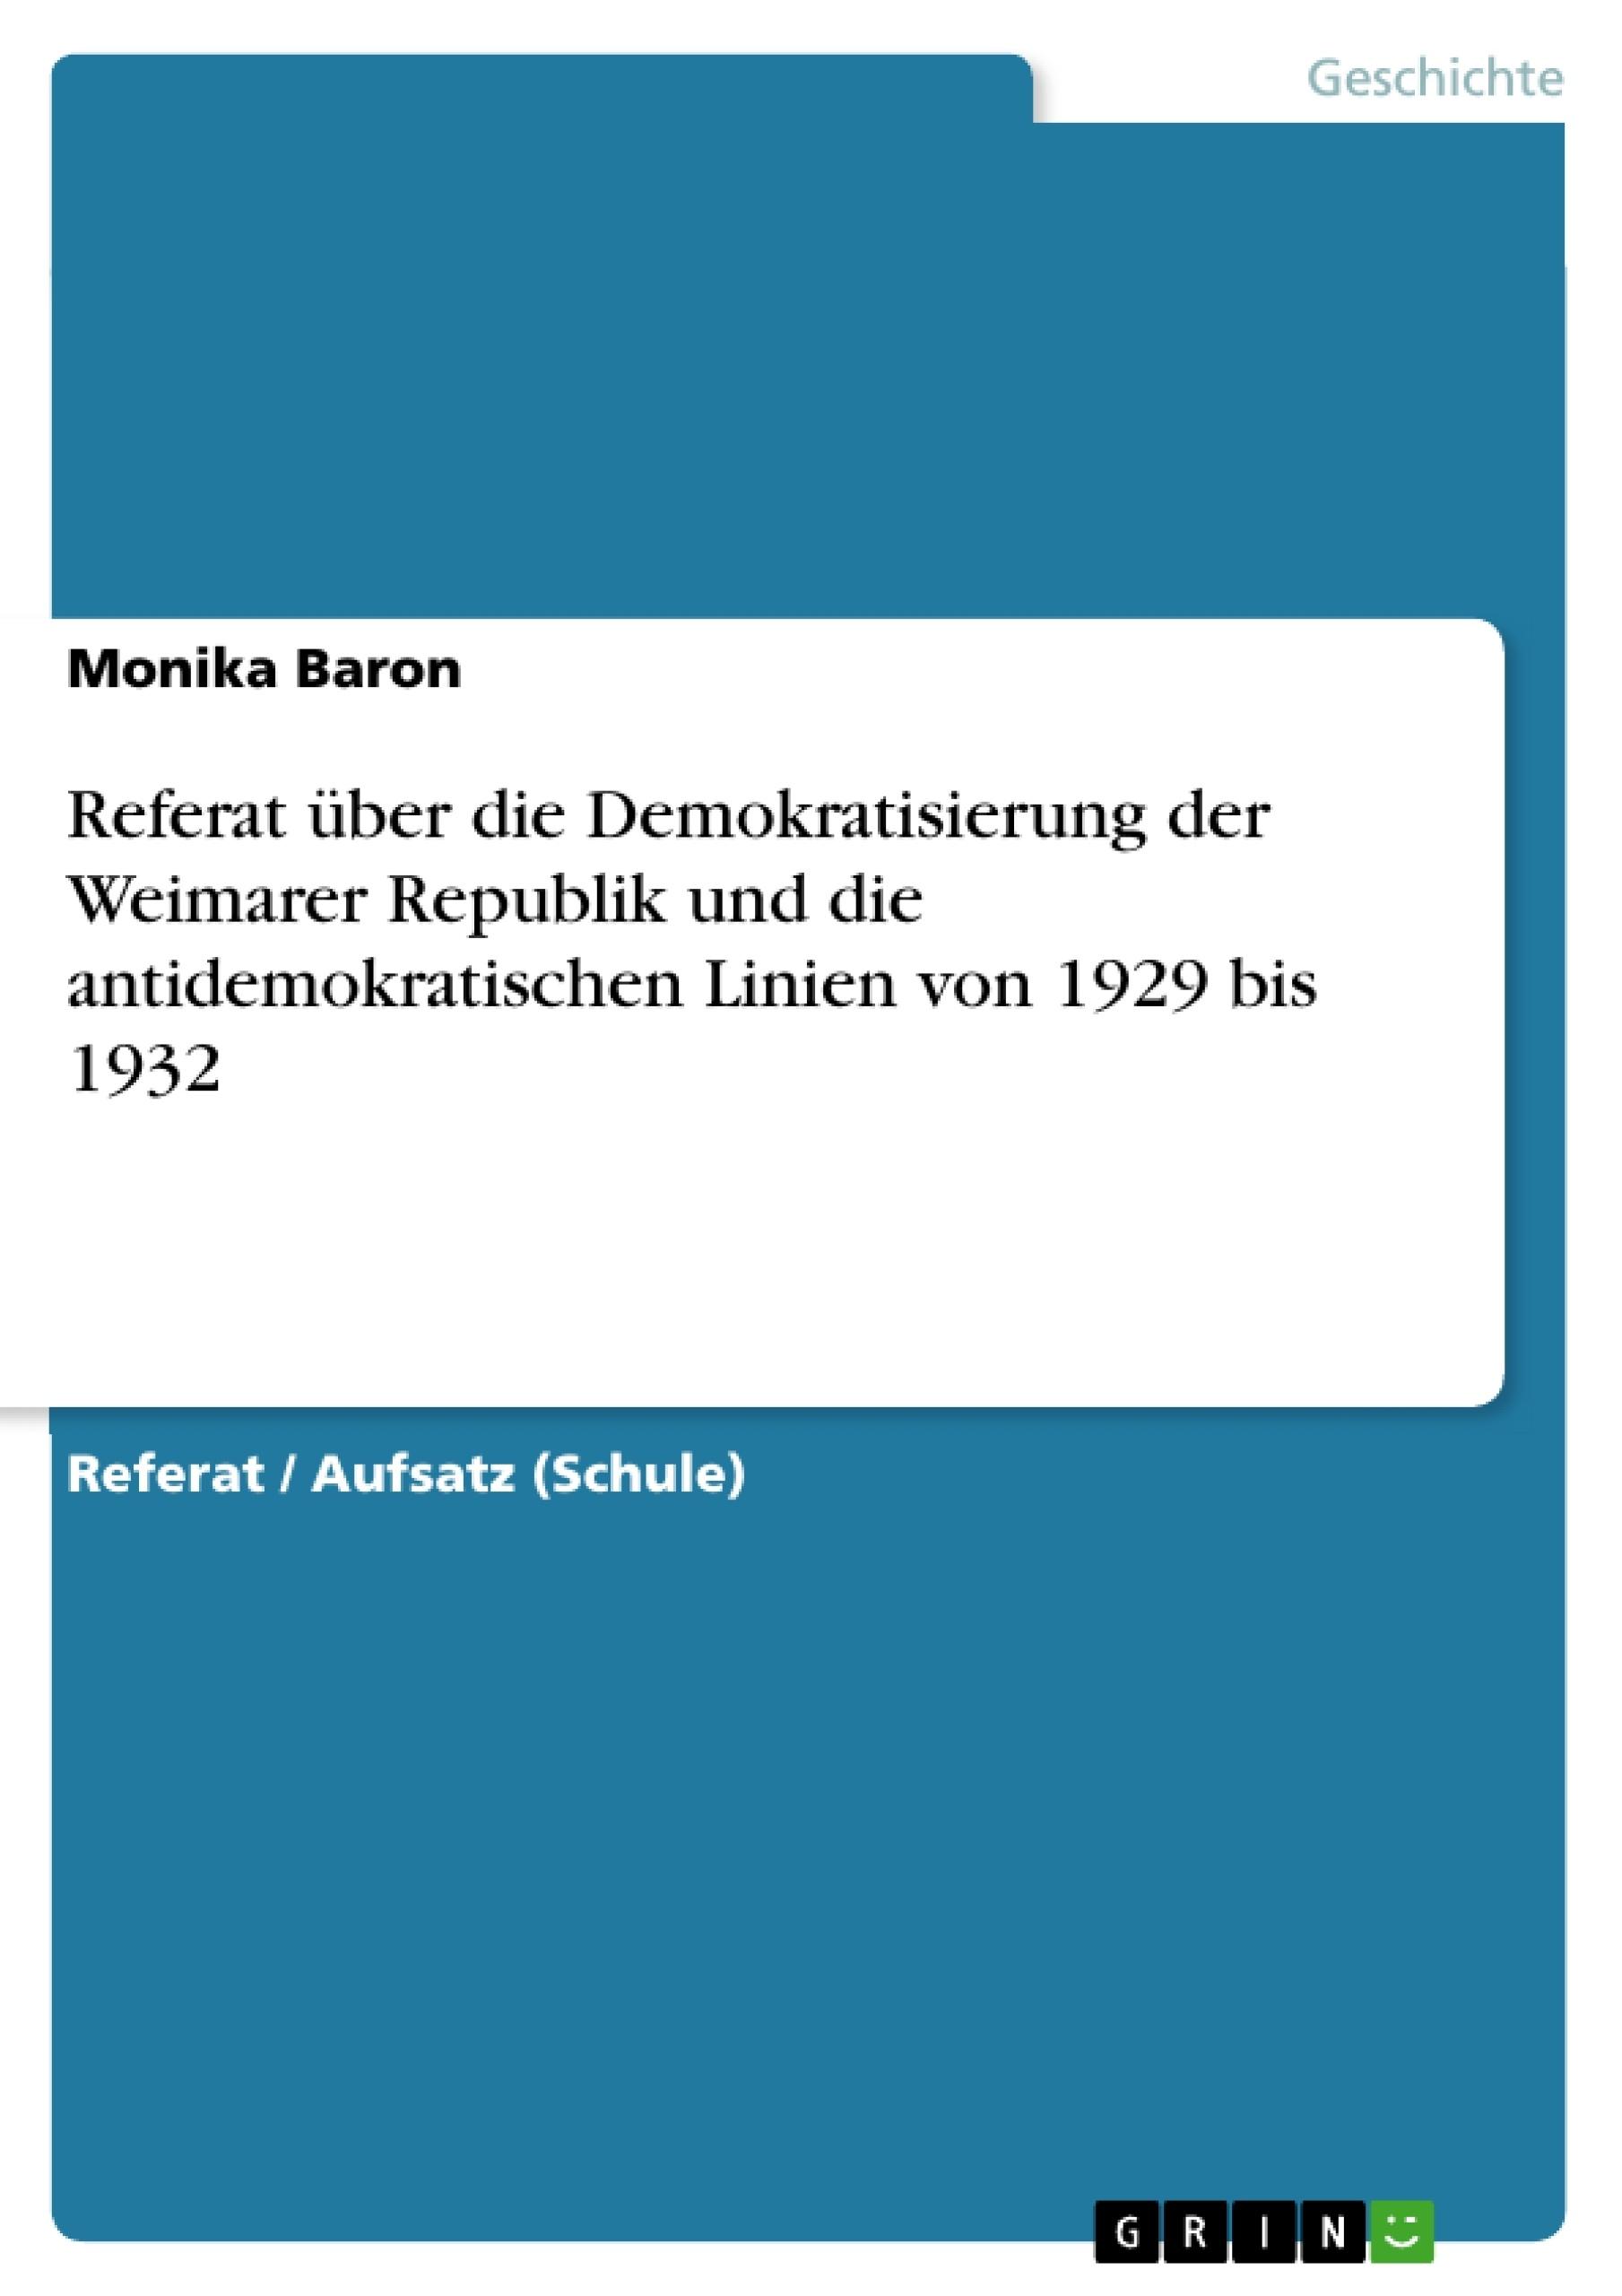 Titel: Referat über die Demokratisierung der Weimarer Republik und die antidemokratischen Linien von 1929 bis 1932